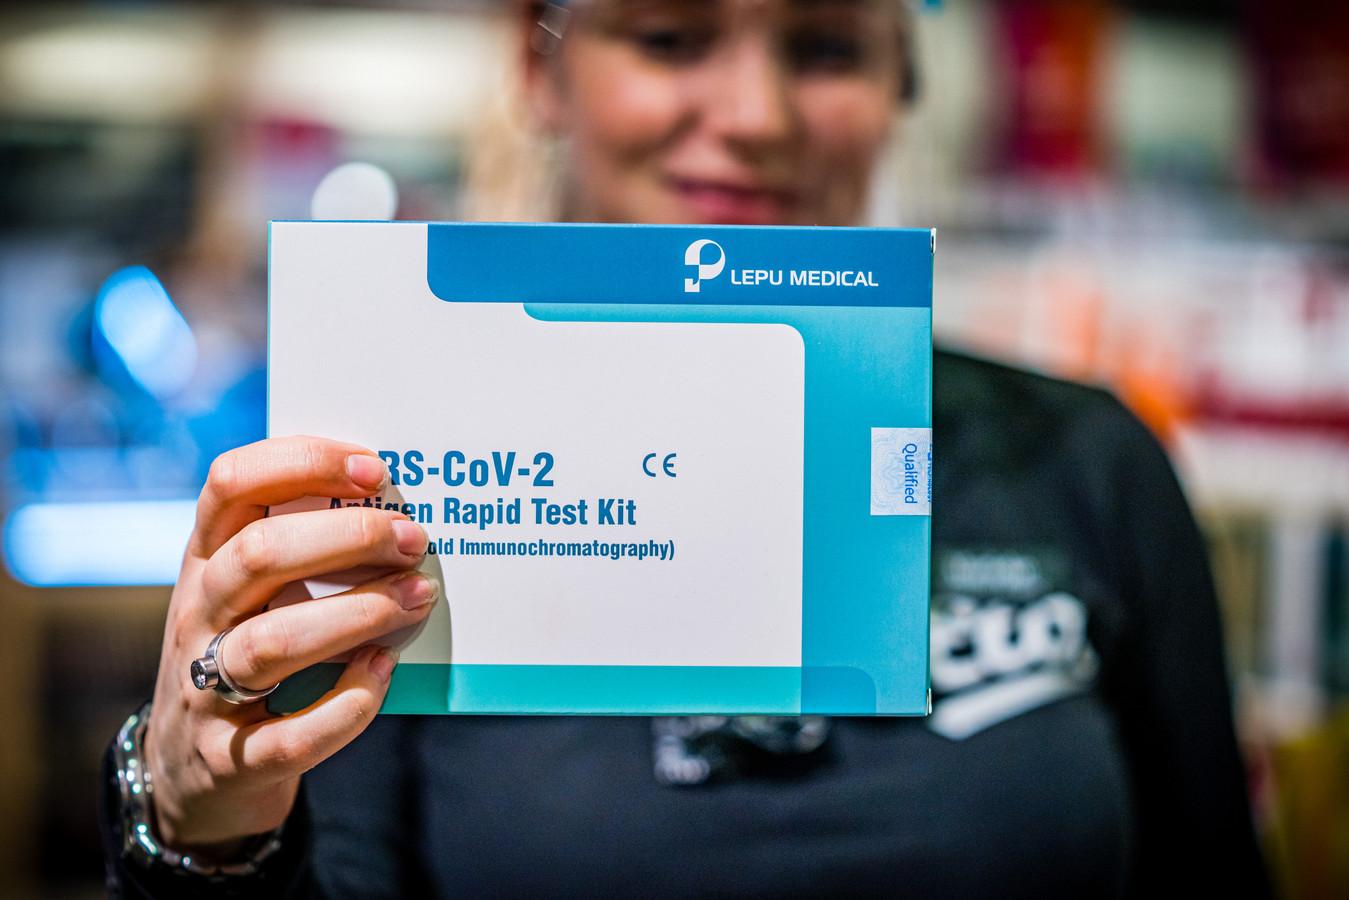 Minister voor Volksgezondheid Hugo de Jonge heeft aangekondigd dat mensen op korte termijn makkelijk via een apotheek, drogist aan een zelftest voor het coronavirus kunnen komen.